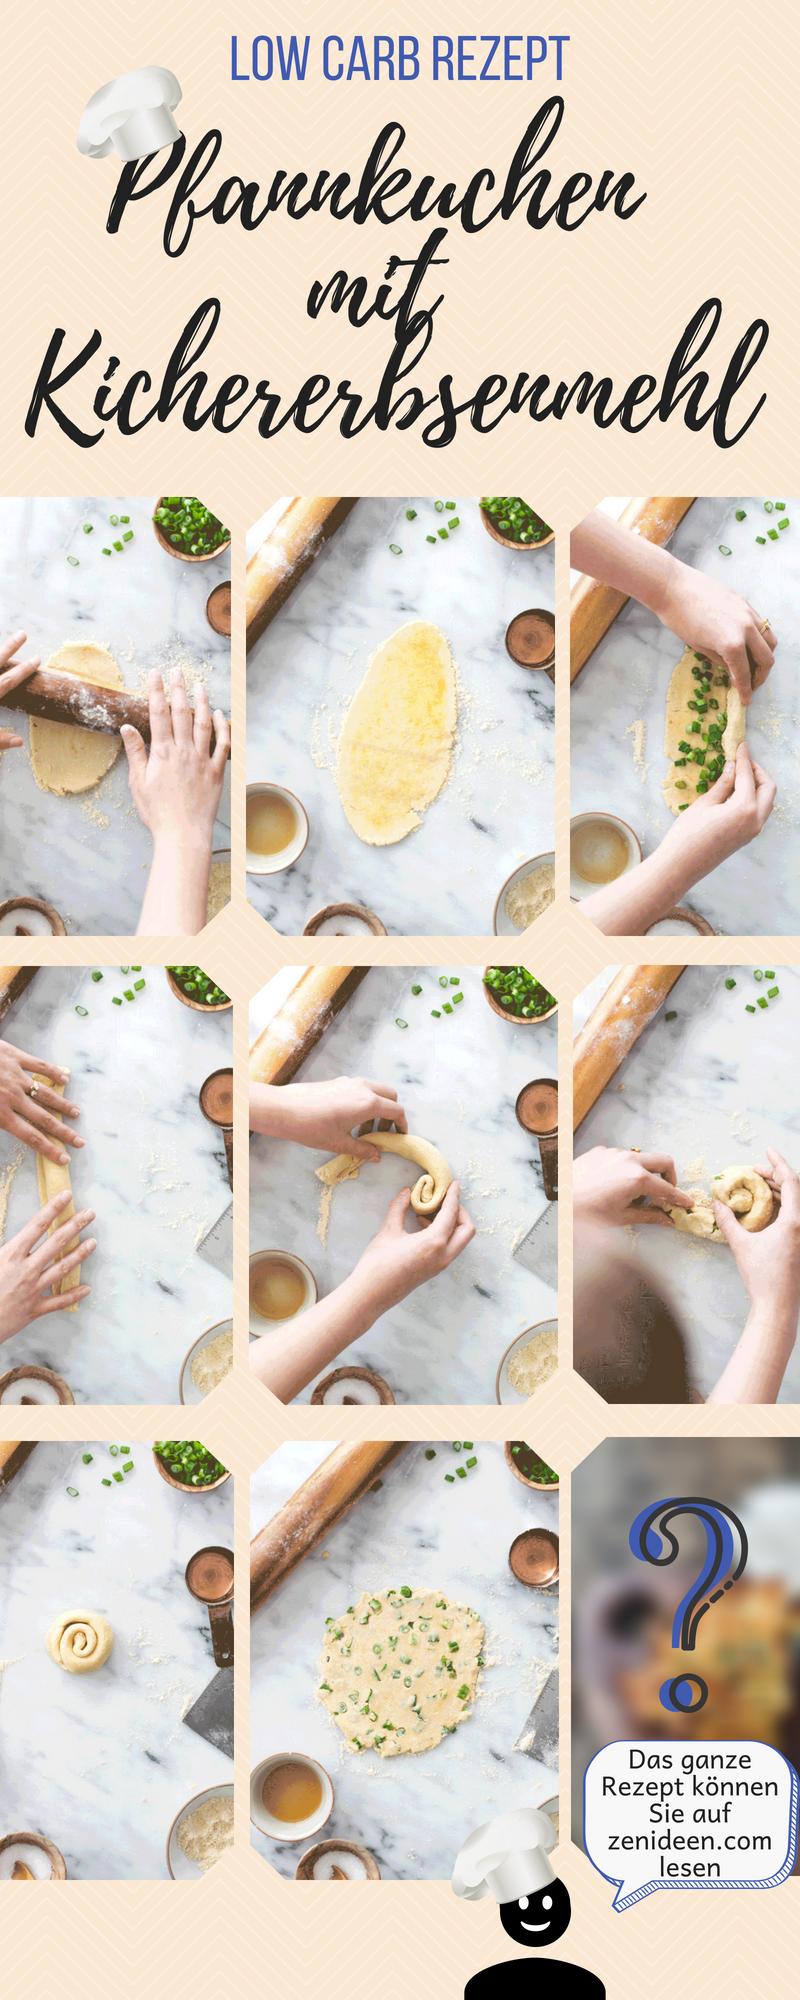 Kichererbsenmehl Rezepte für Veganer